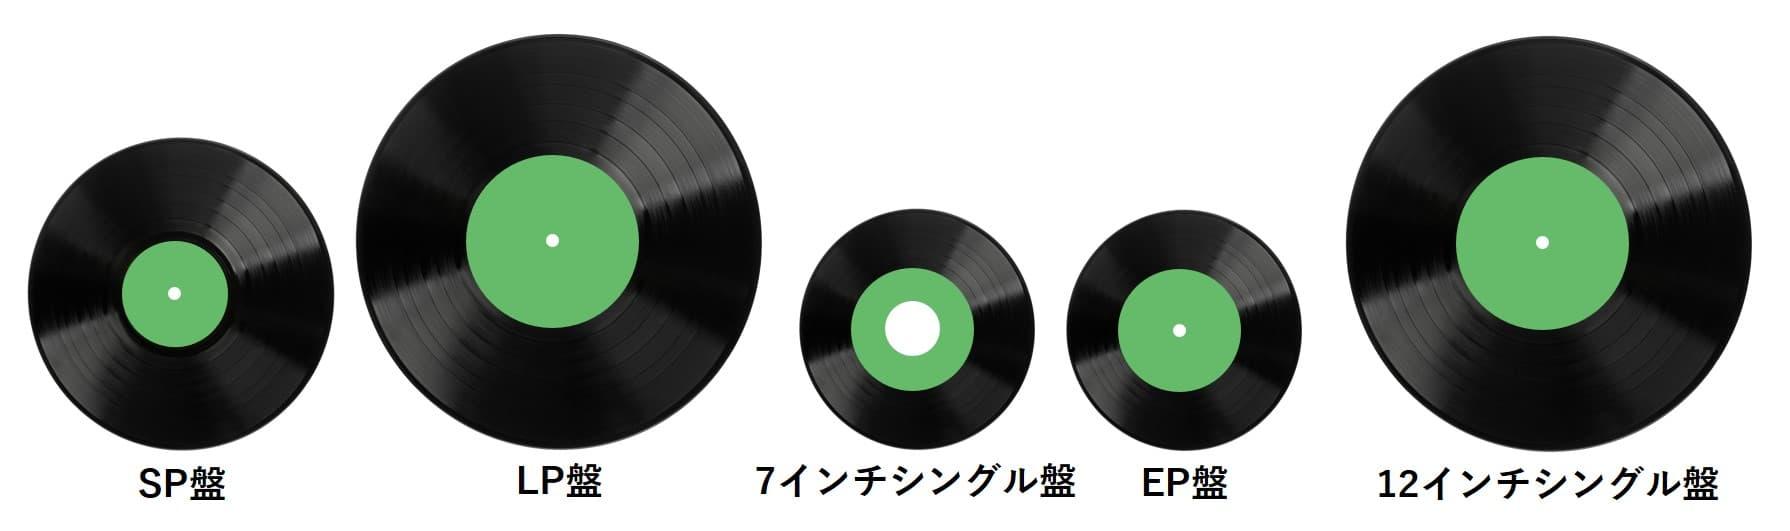 レコード種類